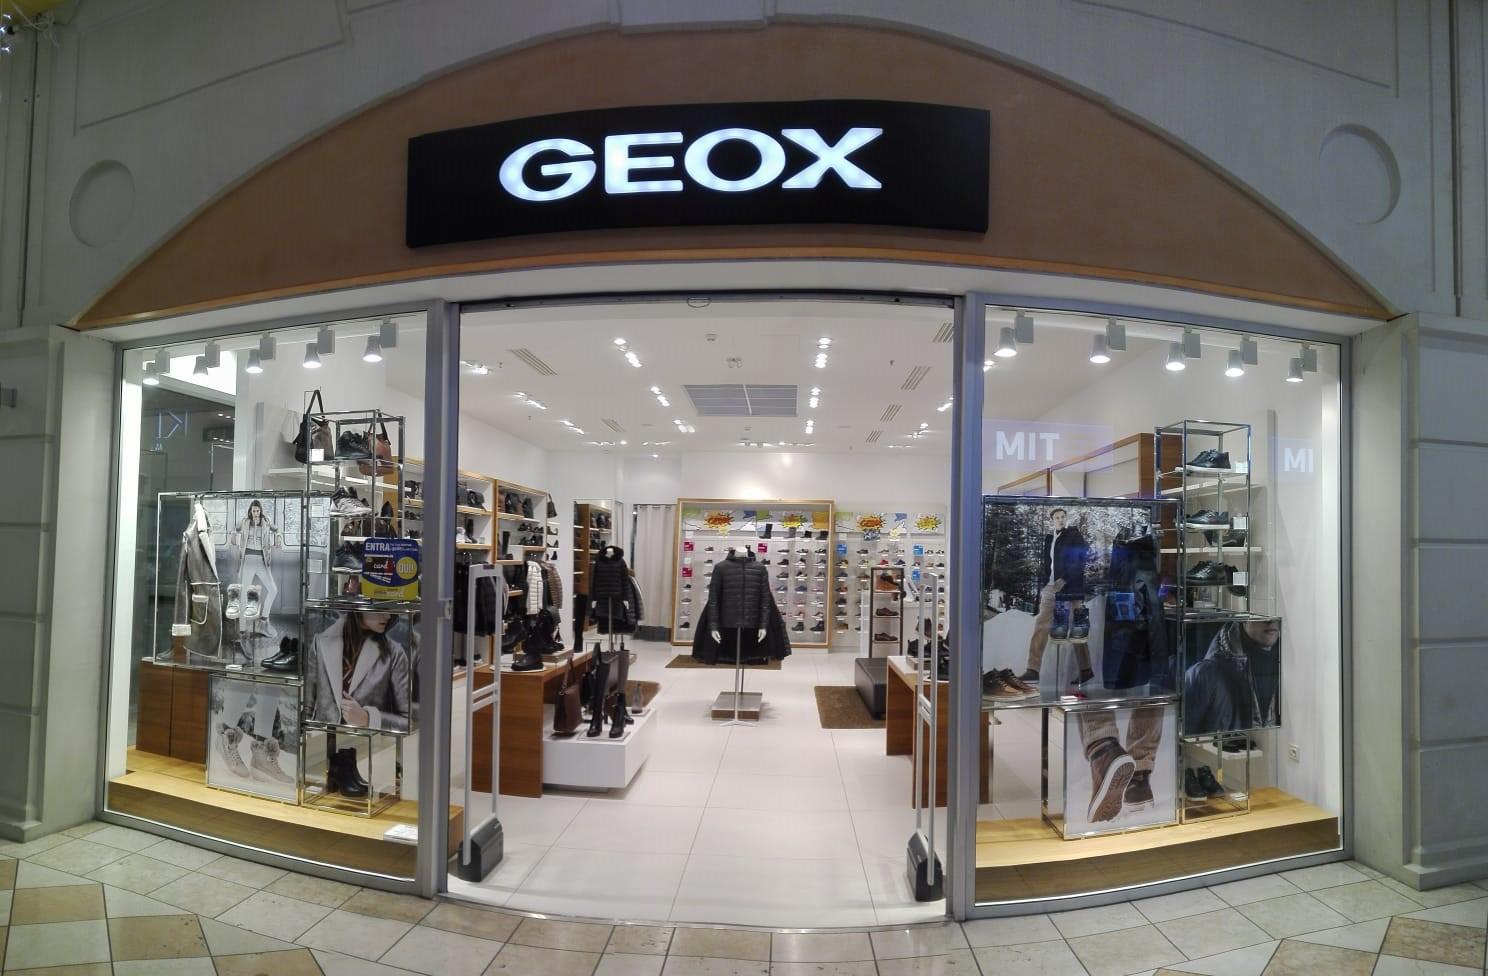 La Negozio Geox Fattoria Centro Veneto rovigo Commerciale Cpp4q1